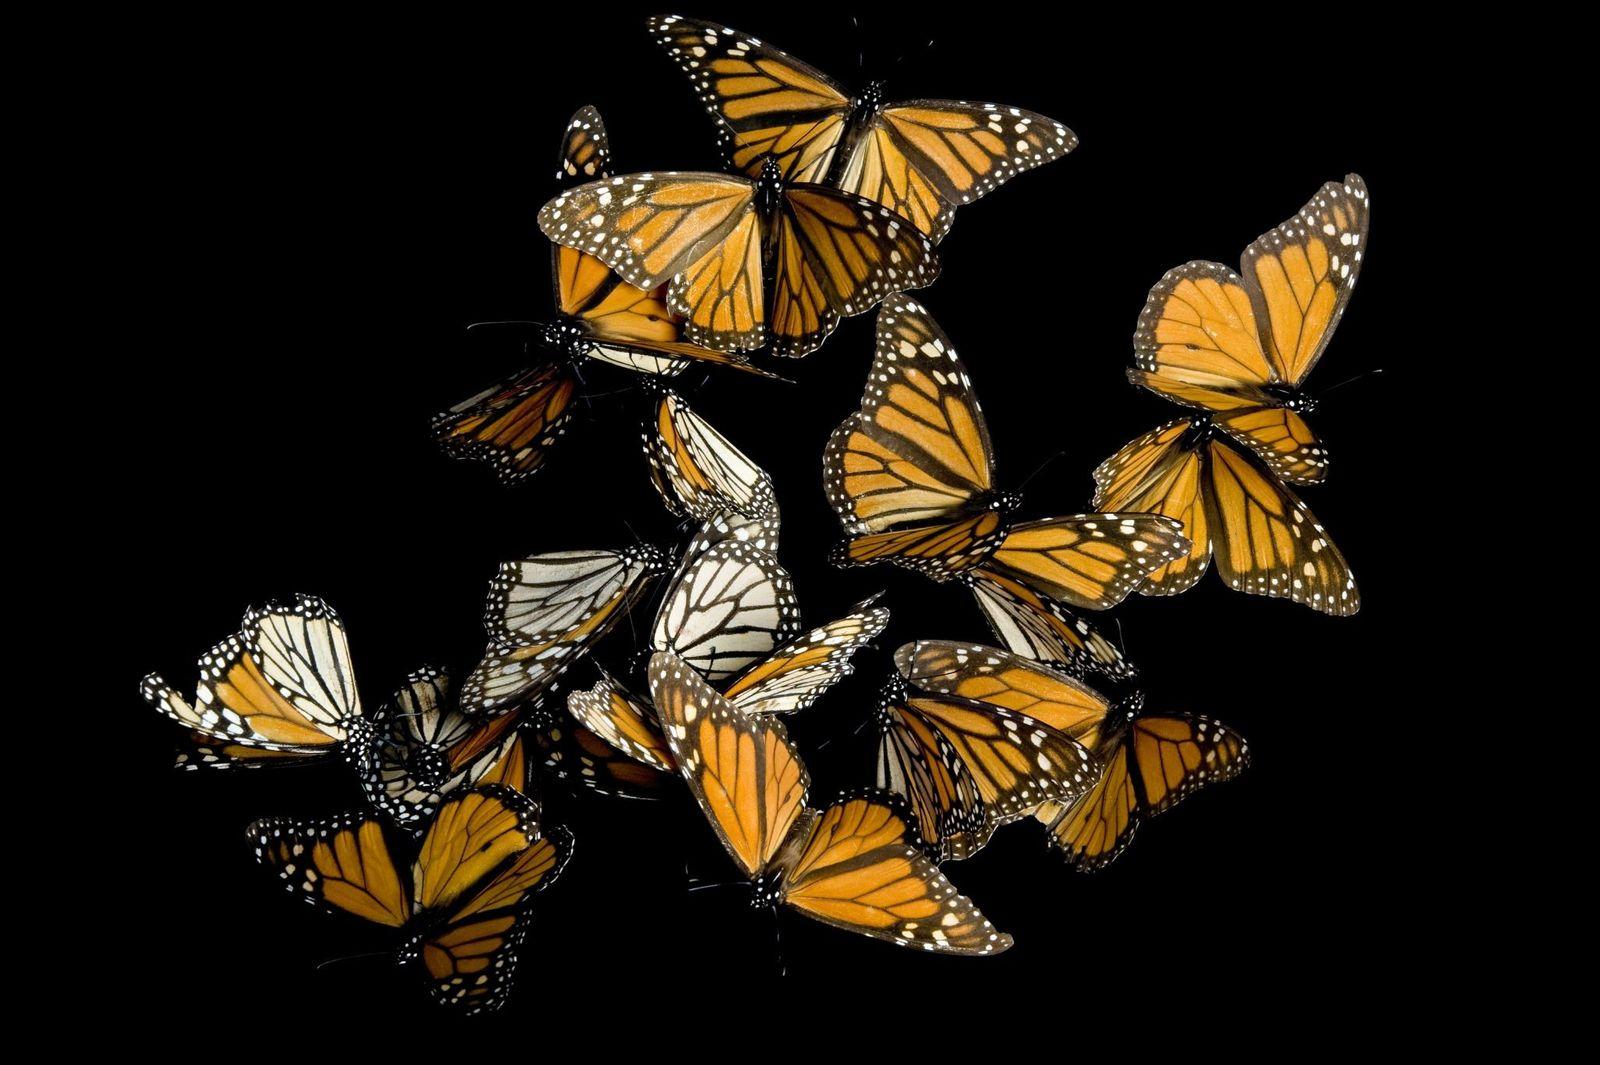 Las mariposas monarcas se reúnen en la Reserva de la Biosfera de la Mariposa Monarca en ...